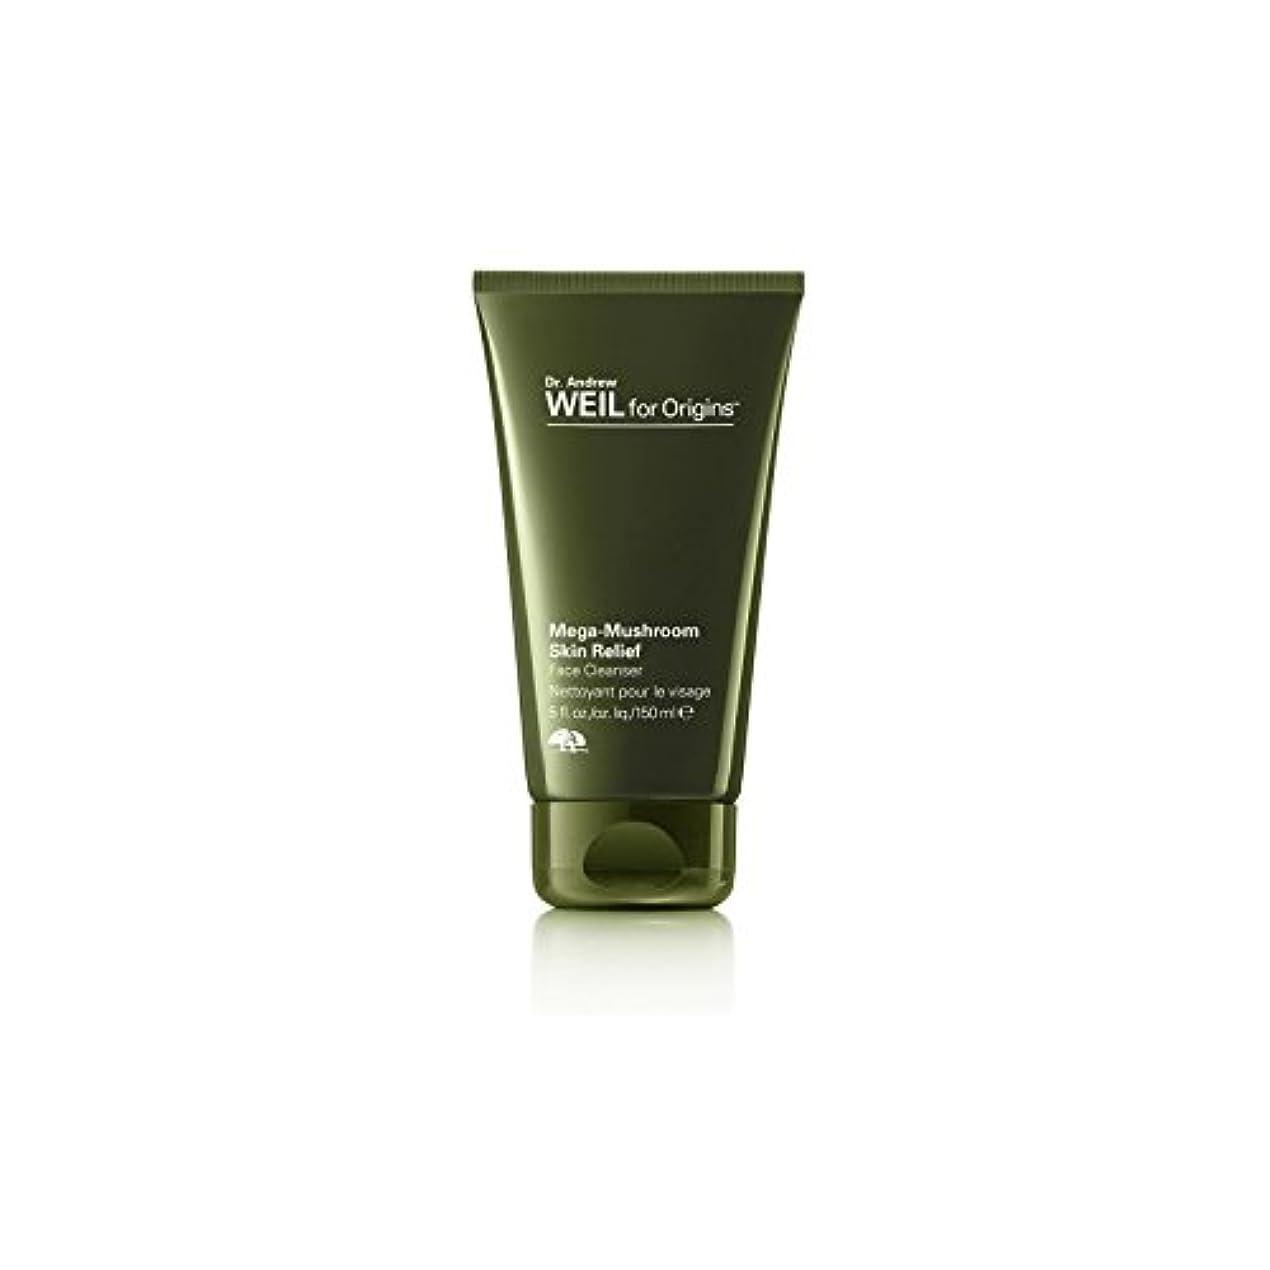 マーチャンダイジングネコ樹皮起源アンドルー?ワイル起源メガキノコ皮膚救済顔クレンザー150ミリリットルのために x4 - Origins Dr. Andrew Weil For Origins Mega-Mushroom Skin Relief Face...